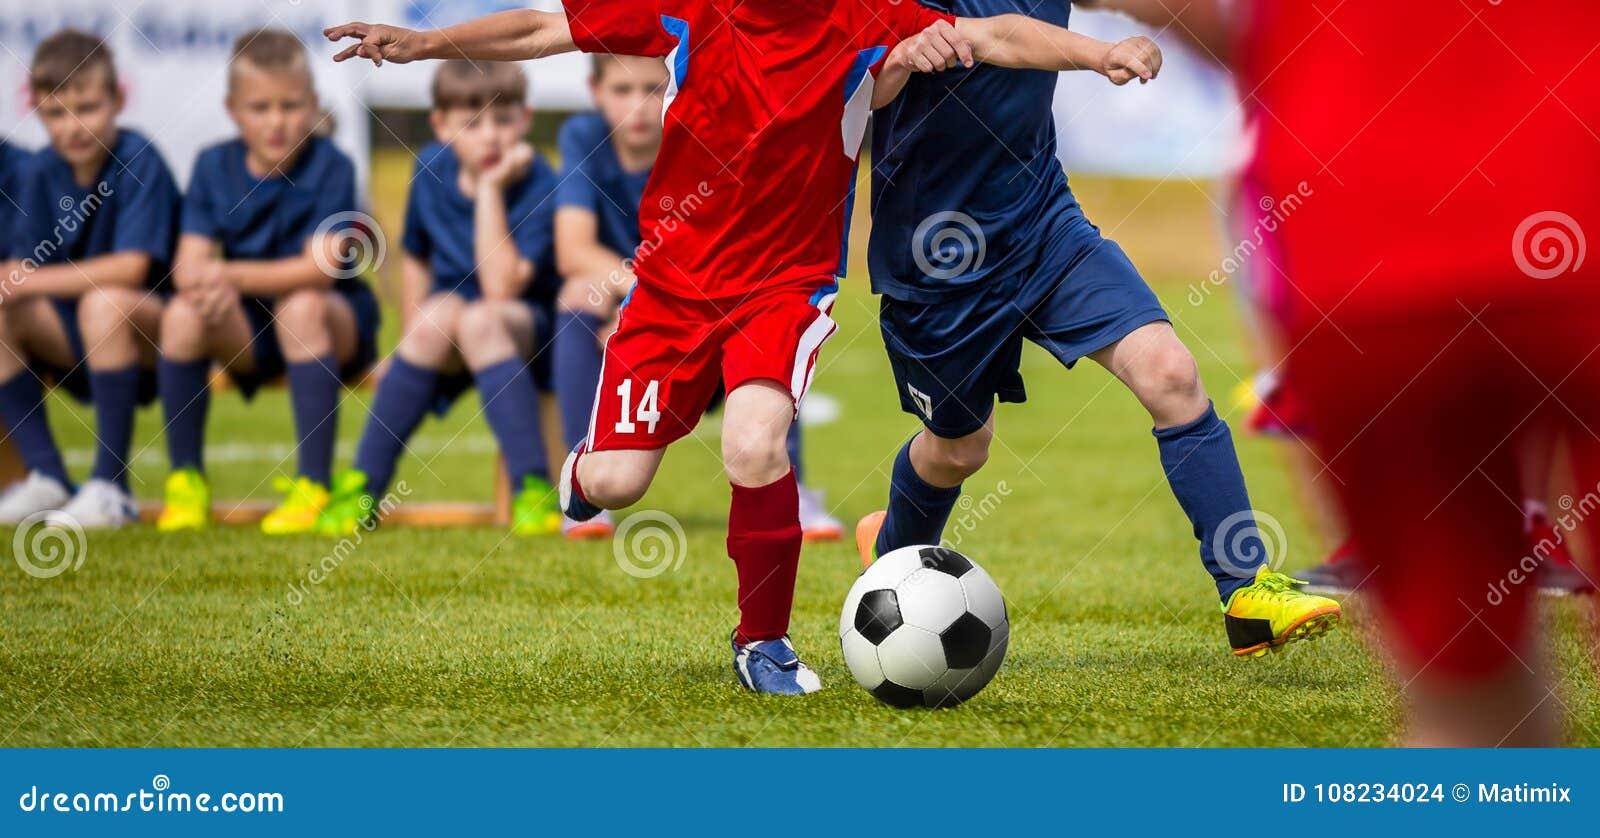 Voetbalwedstrijd voor jonge spelers Opleiding en voetbal voetbaltoernooien voor kinderen